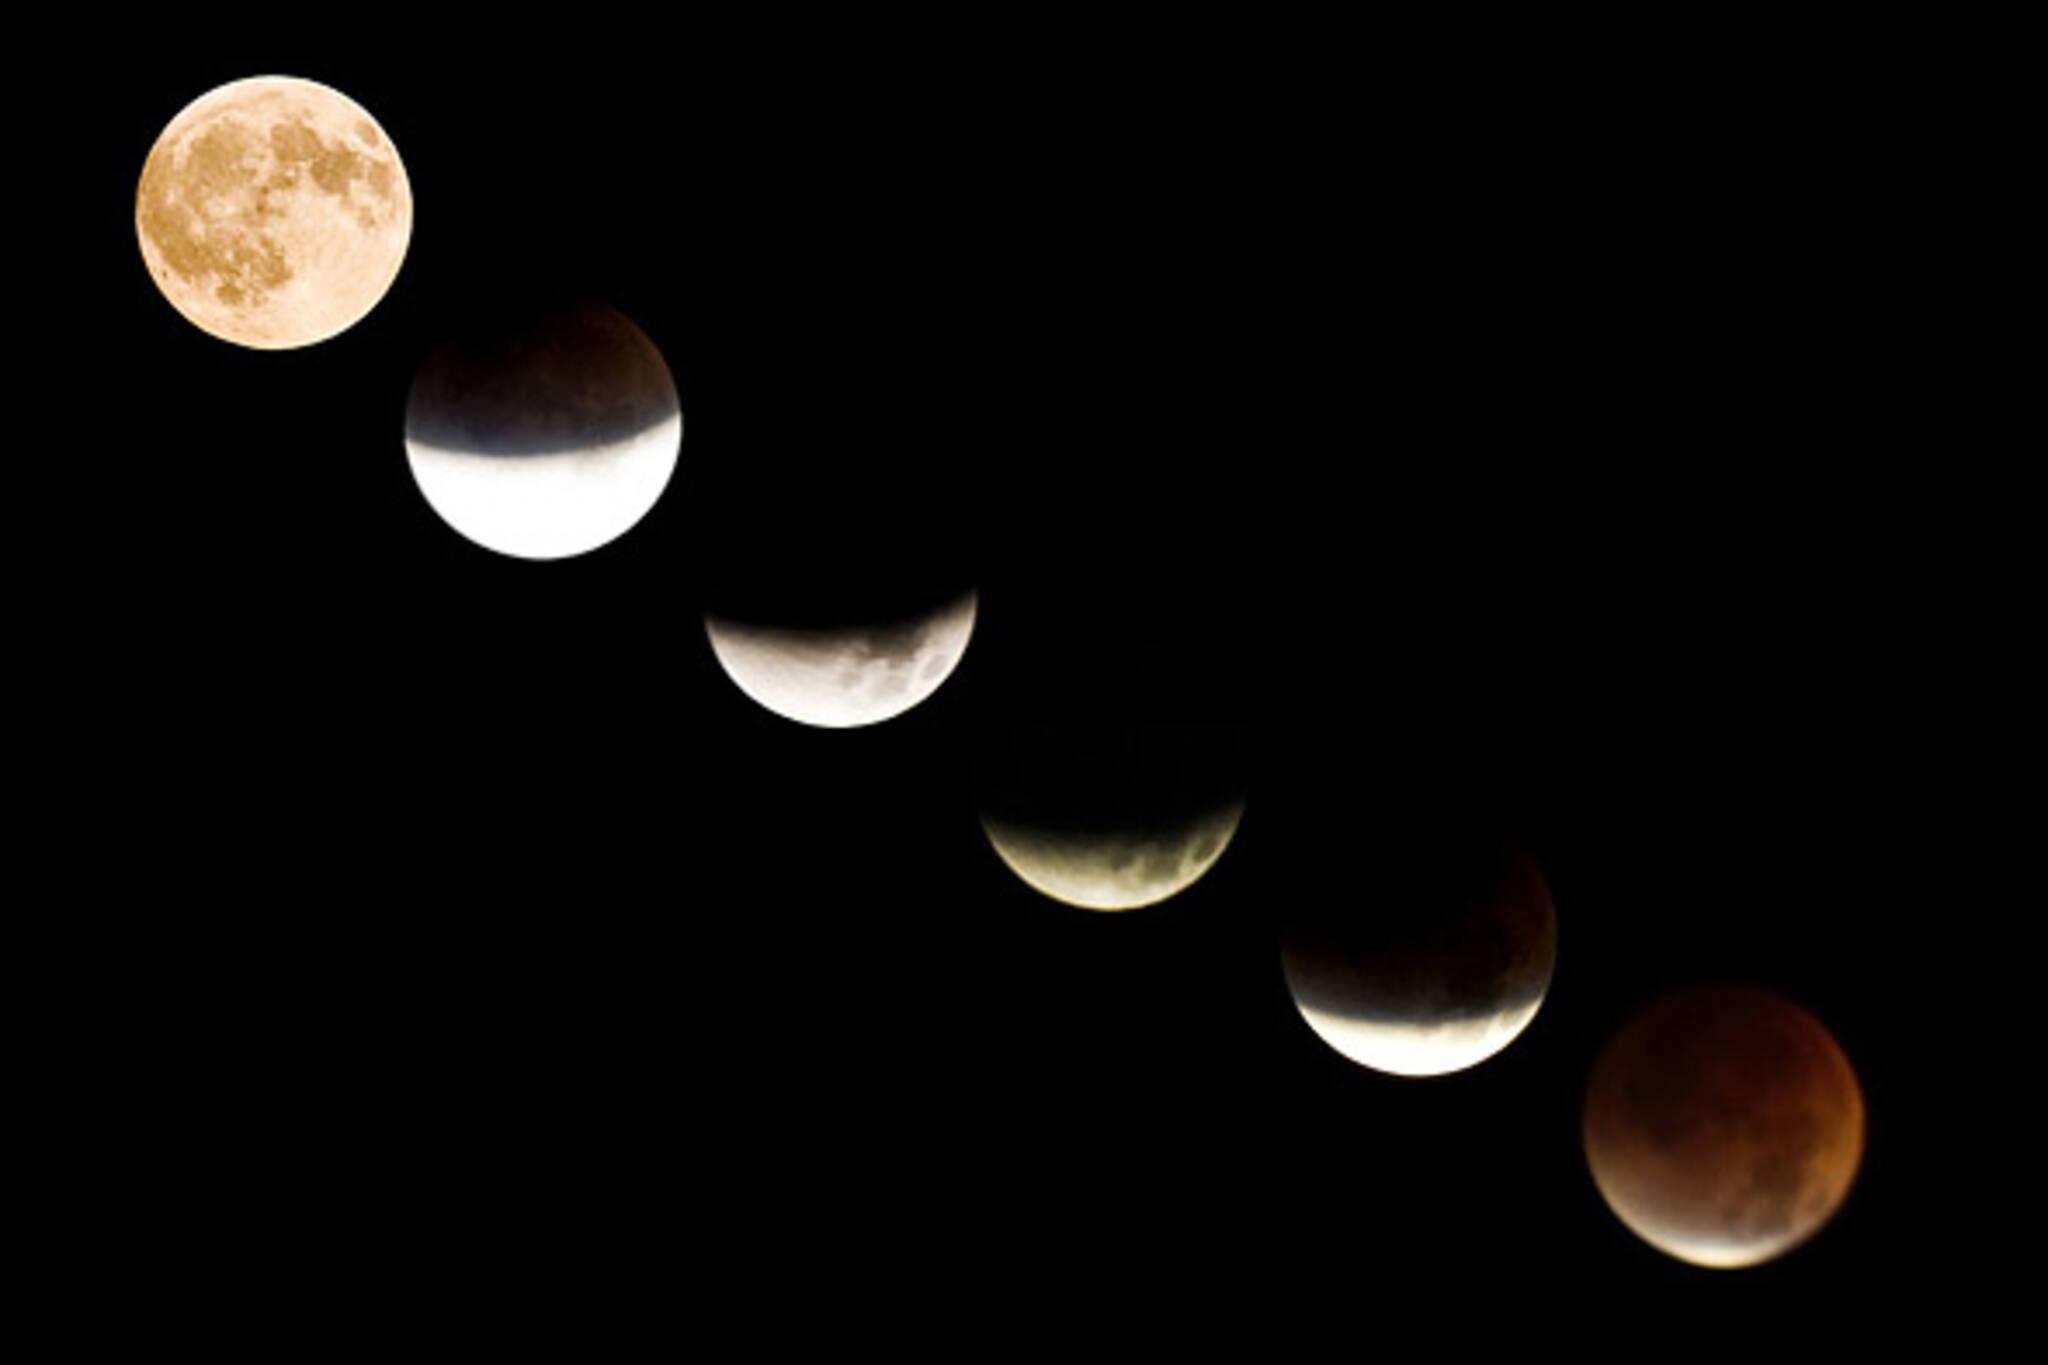 20070828_luna2.jpg